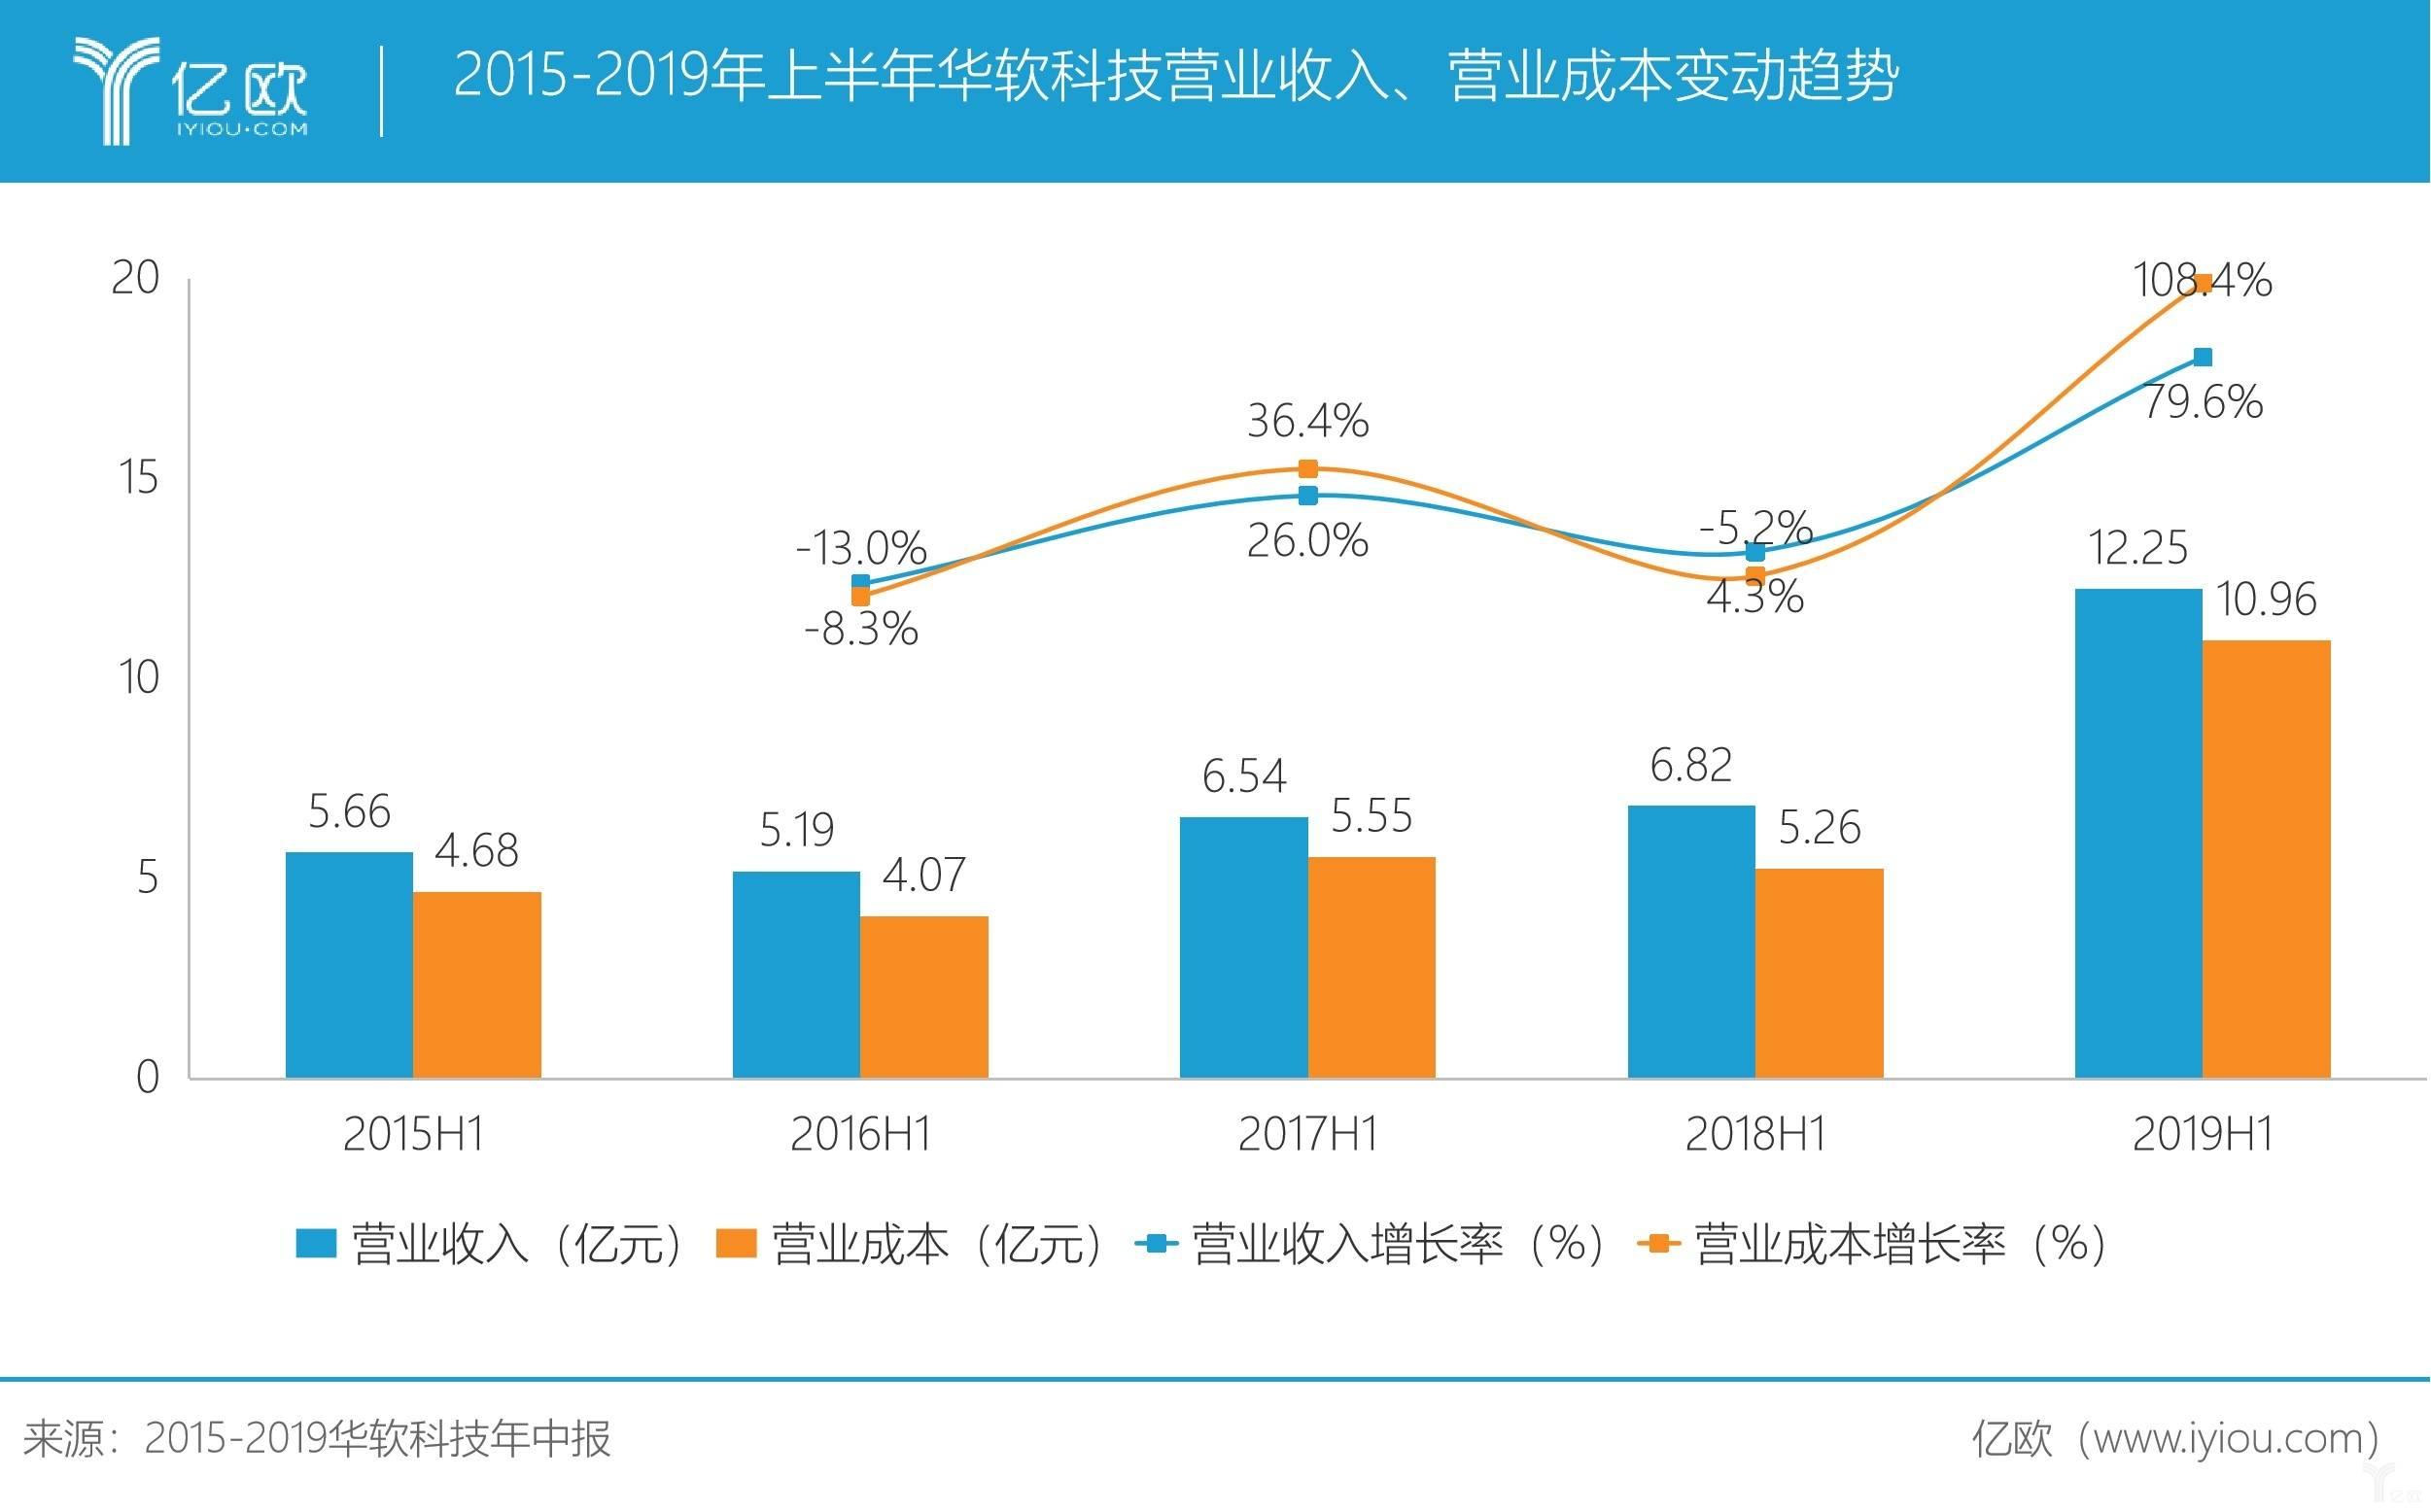 2015-2019年上半年华软科技营业收入、营业成本变动趋势